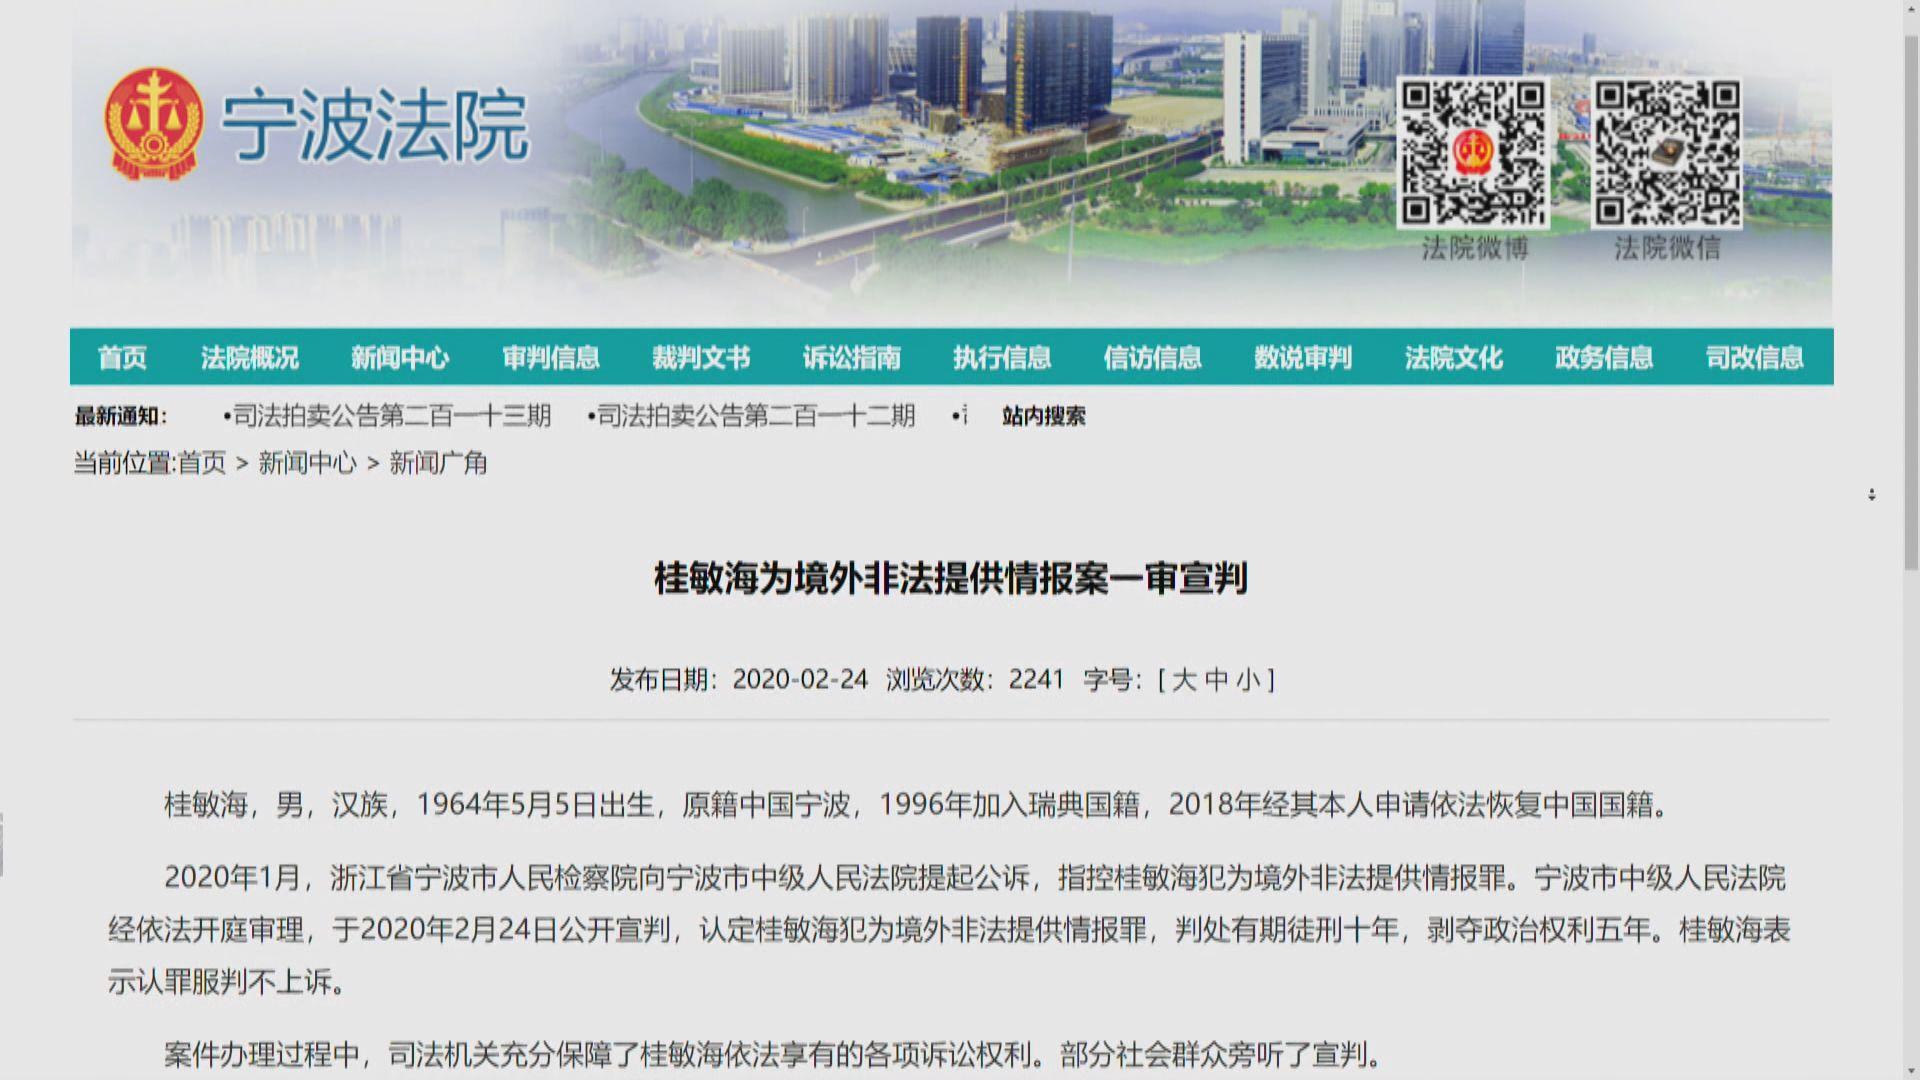 境外非法提供情報罪成囚十年 公告指桂民海不上訴